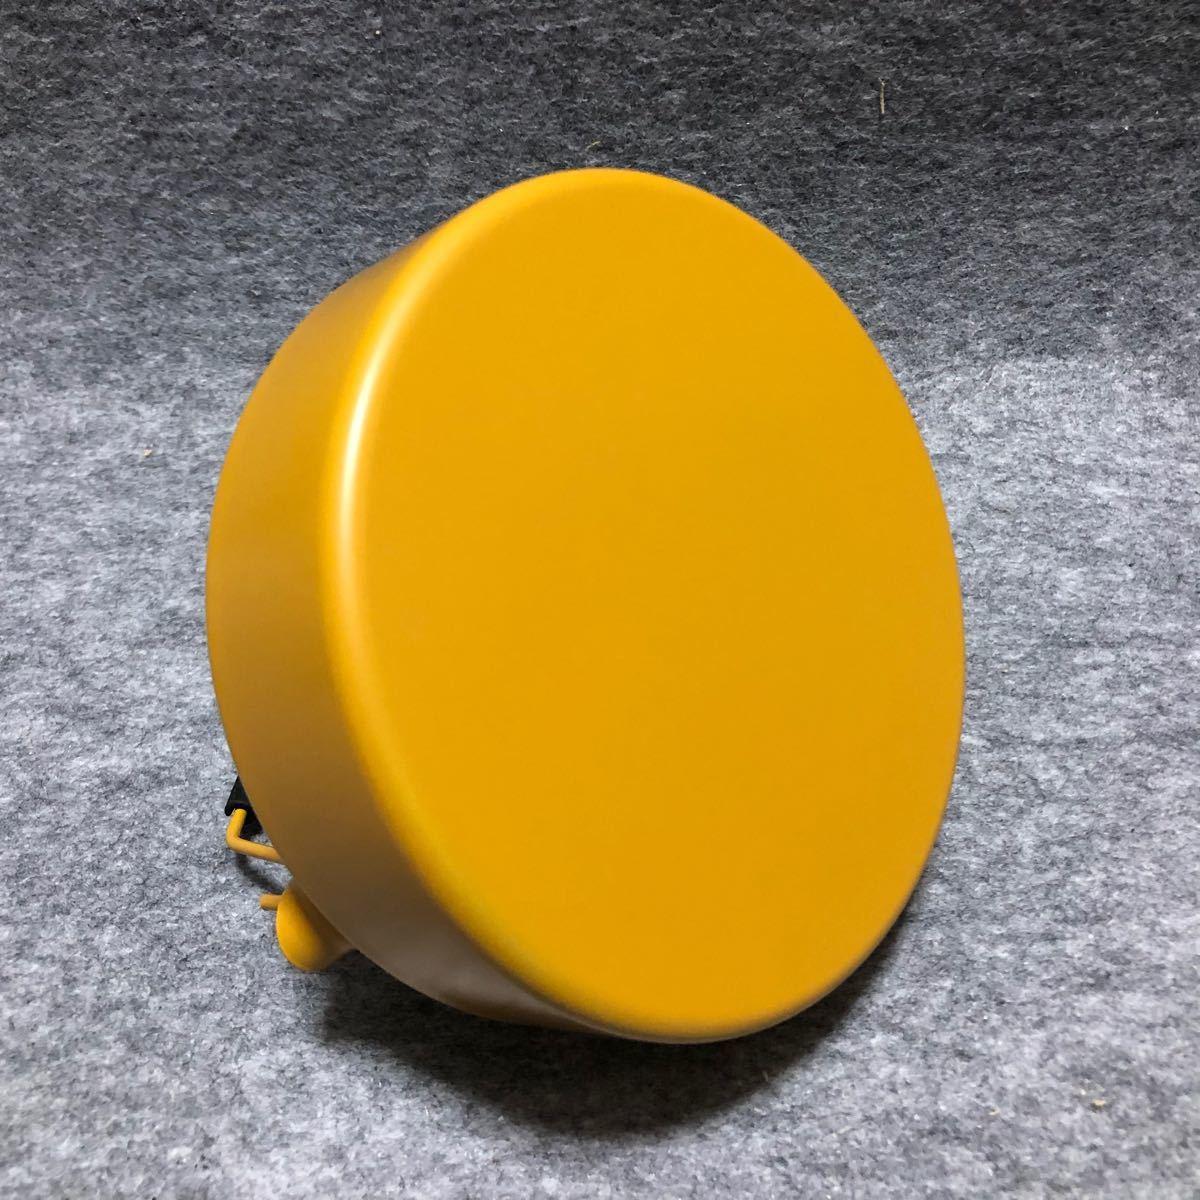 トランギア ケトル 0.9L  TR-324 ゴールデン イエロー